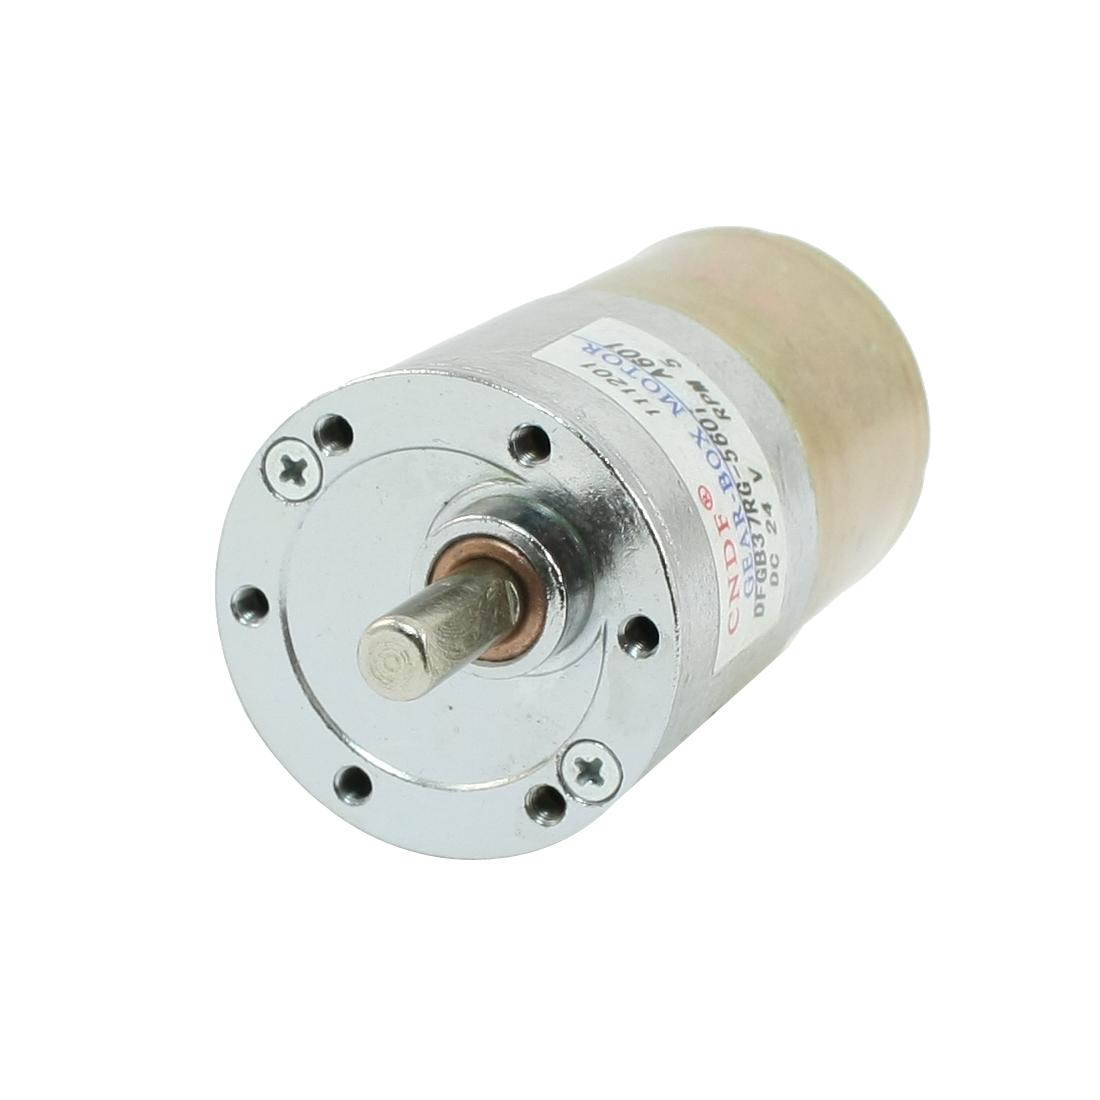 DFGB37RG-560i Cylinder Shape DC 24V Speed 5 RPM Geared Motor